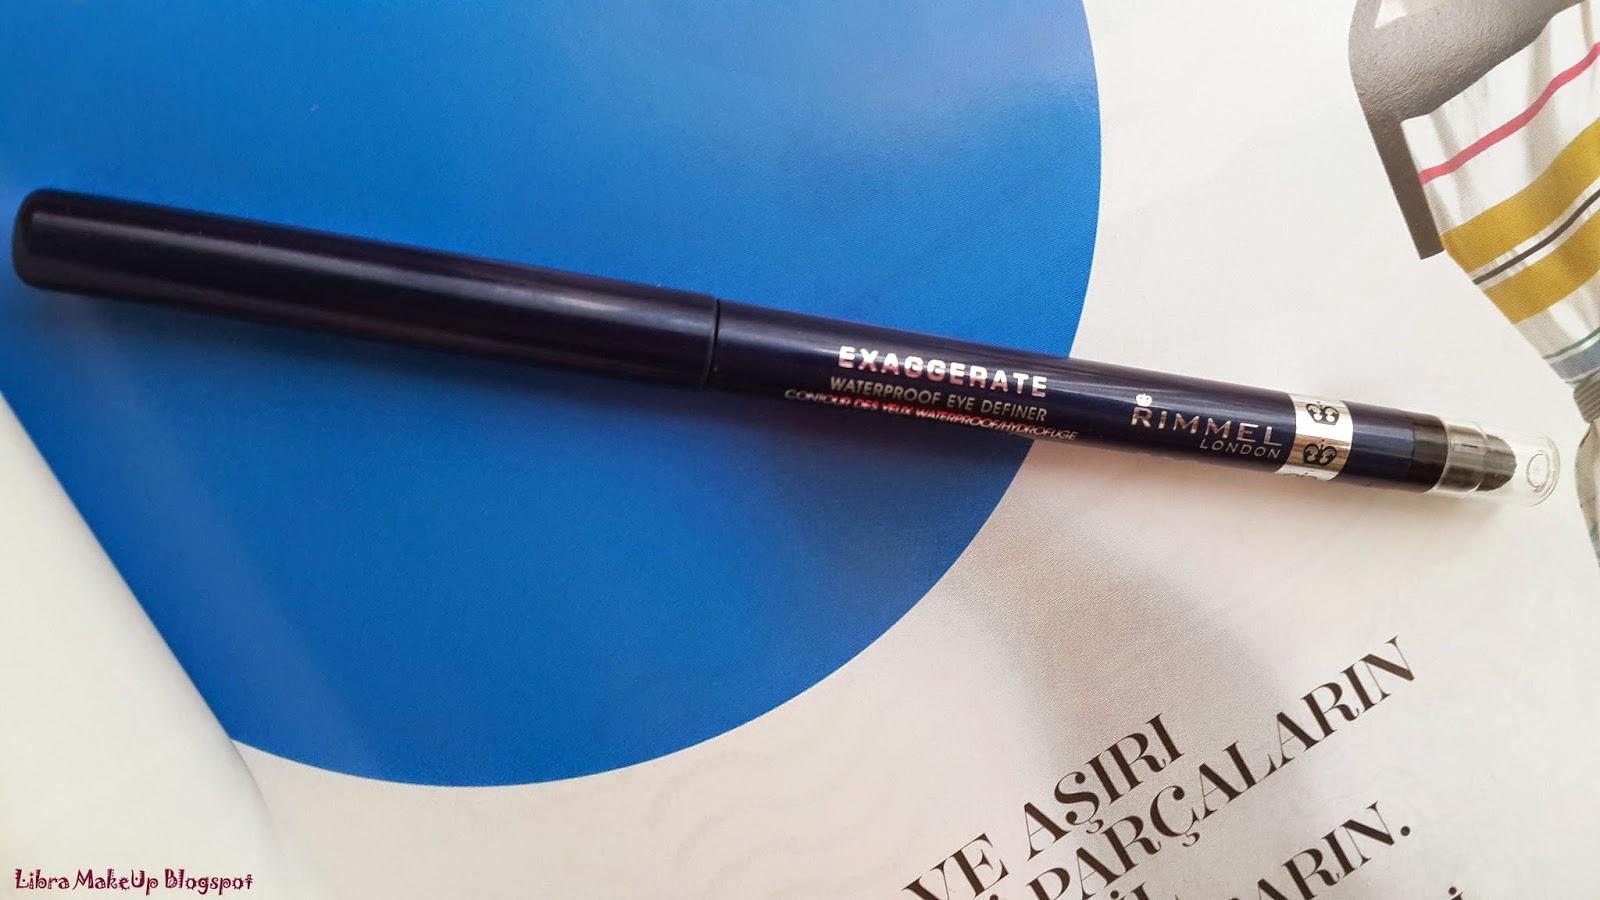 Rimmel London eye pencil, Suya Dayanıklı gözkalemi, Lacivert Göz Kalemi, waterproof eyepencil, navy blue göz kalemi,